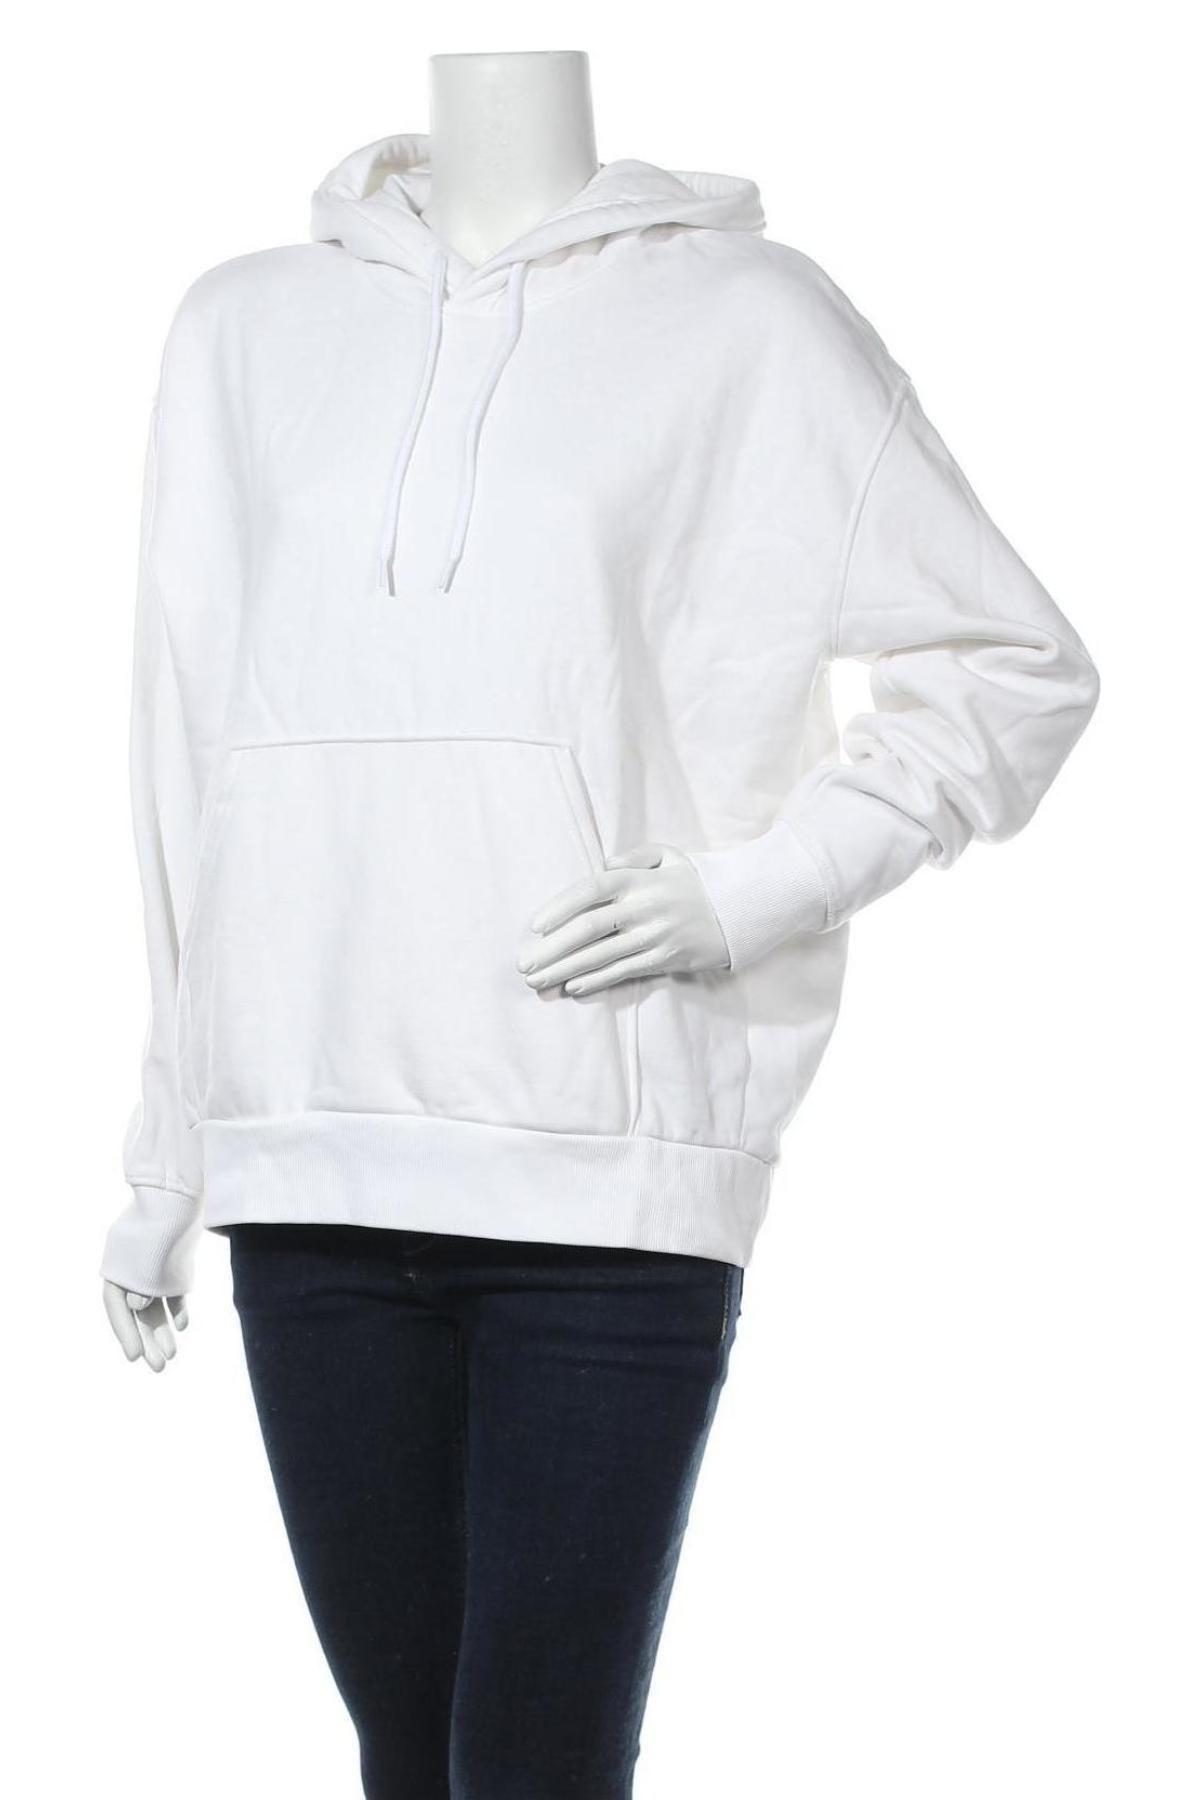 Γυναικείο φούτερ Weekday, Μέγεθος S, Χρώμα Λευκό, 80% βαμβάκι, 20% πολυεστέρας, Τιμή 12,86€